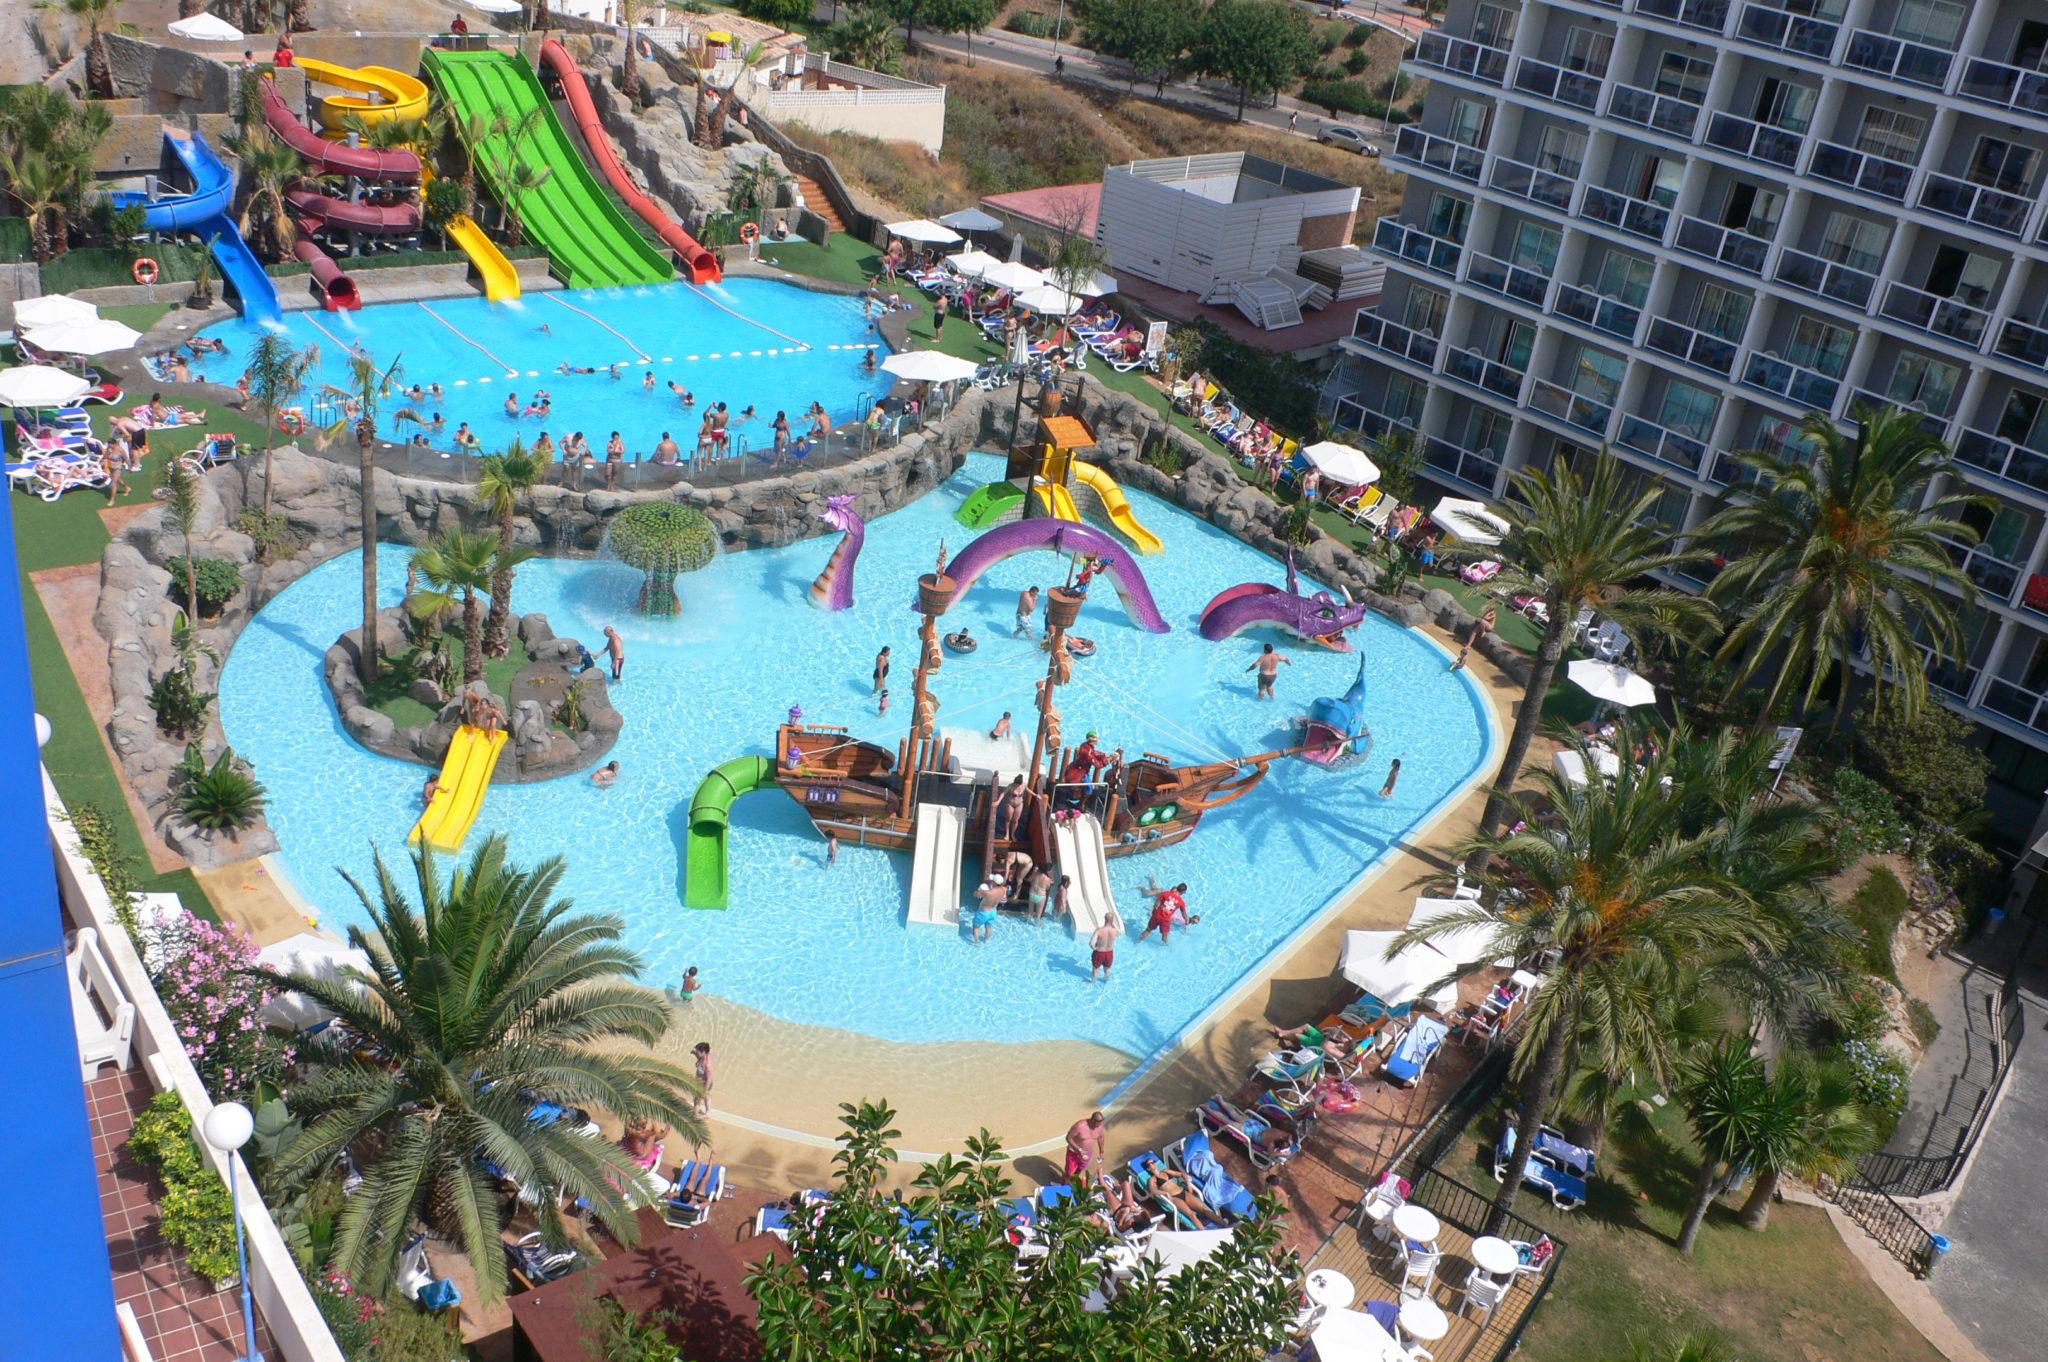 10 hoteles con toboganes para niños en España - Etapa Infantil